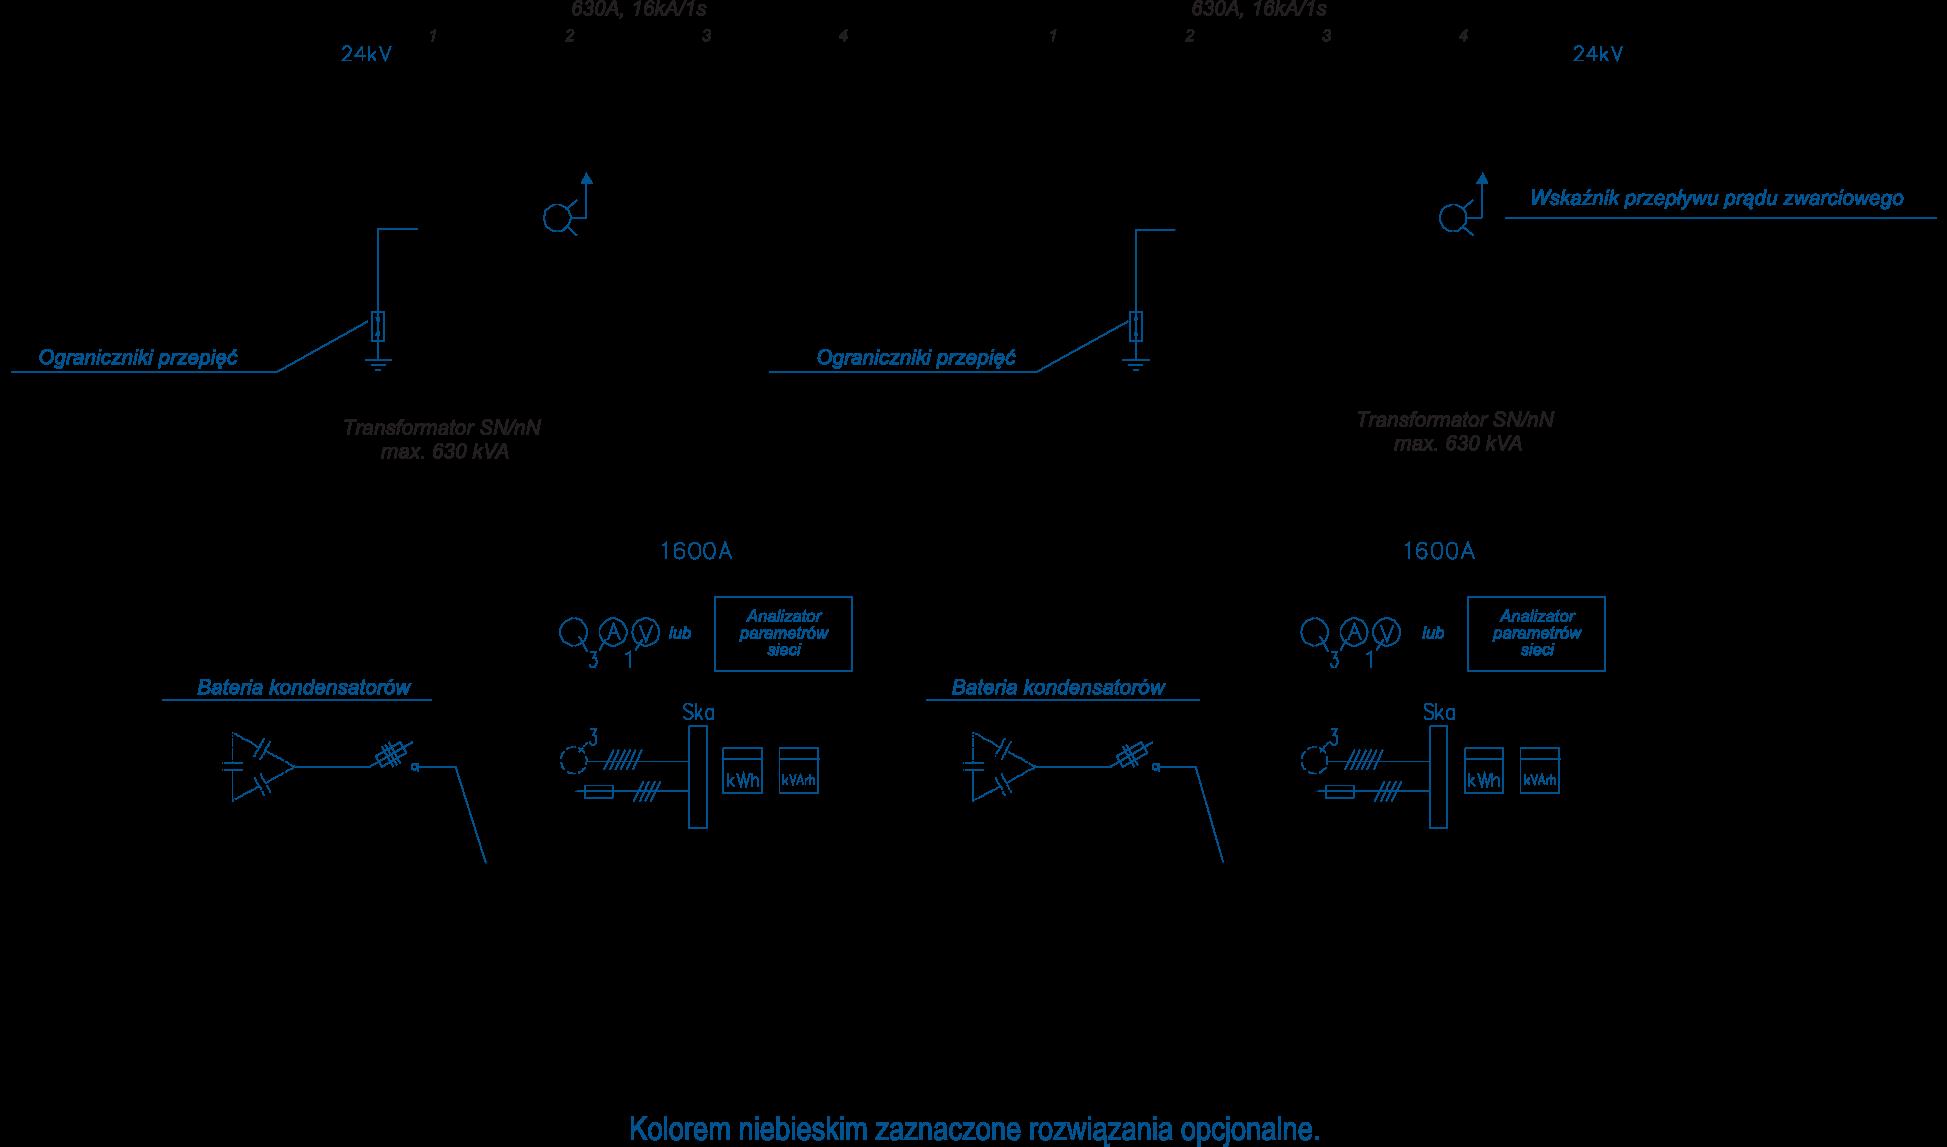 Schemat stacji transformatorowej BEK 300/600